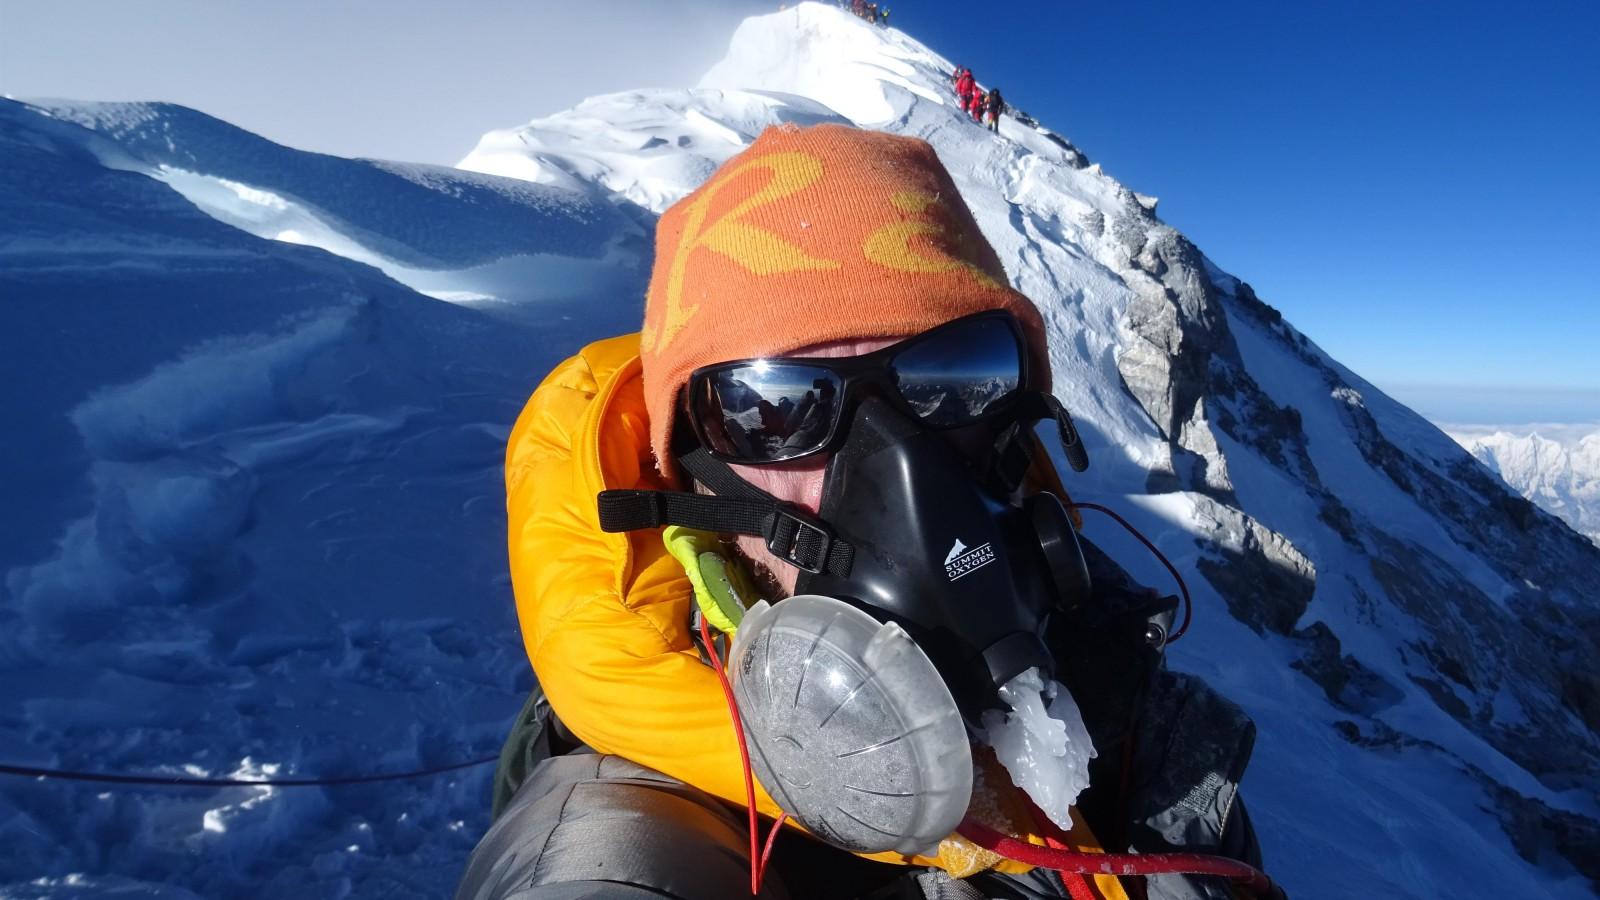 Wilco schrijft boek over zware beklimming Mount Everest, waar het nu doodstil is